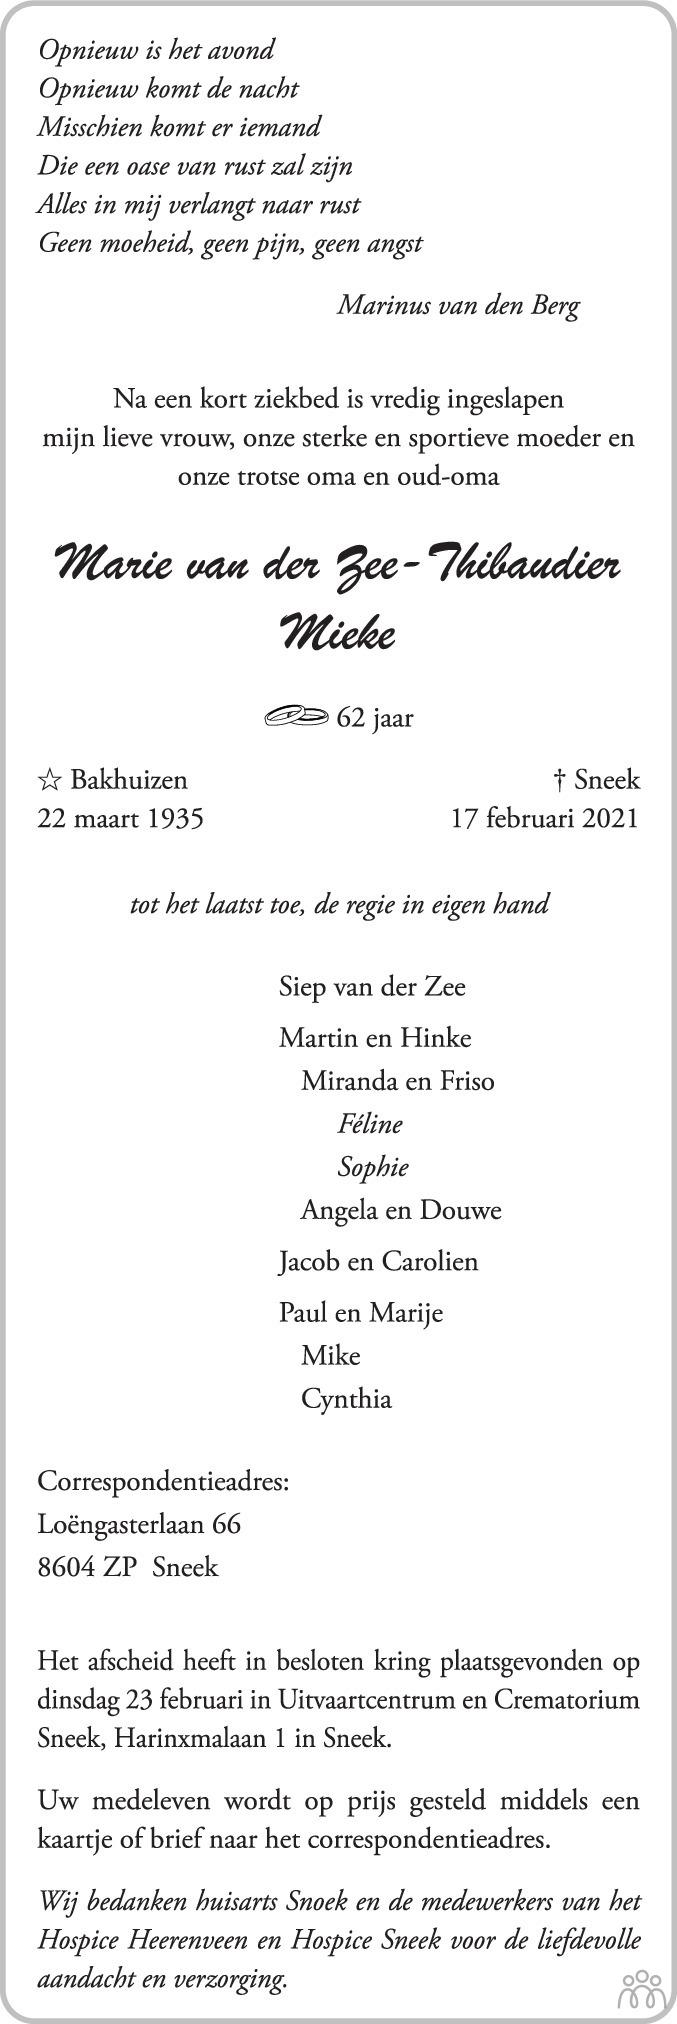 Overlijdensbericht van Marie (Mieke) van der Zee-Thibaudier in Bolswards Nieuwsblad